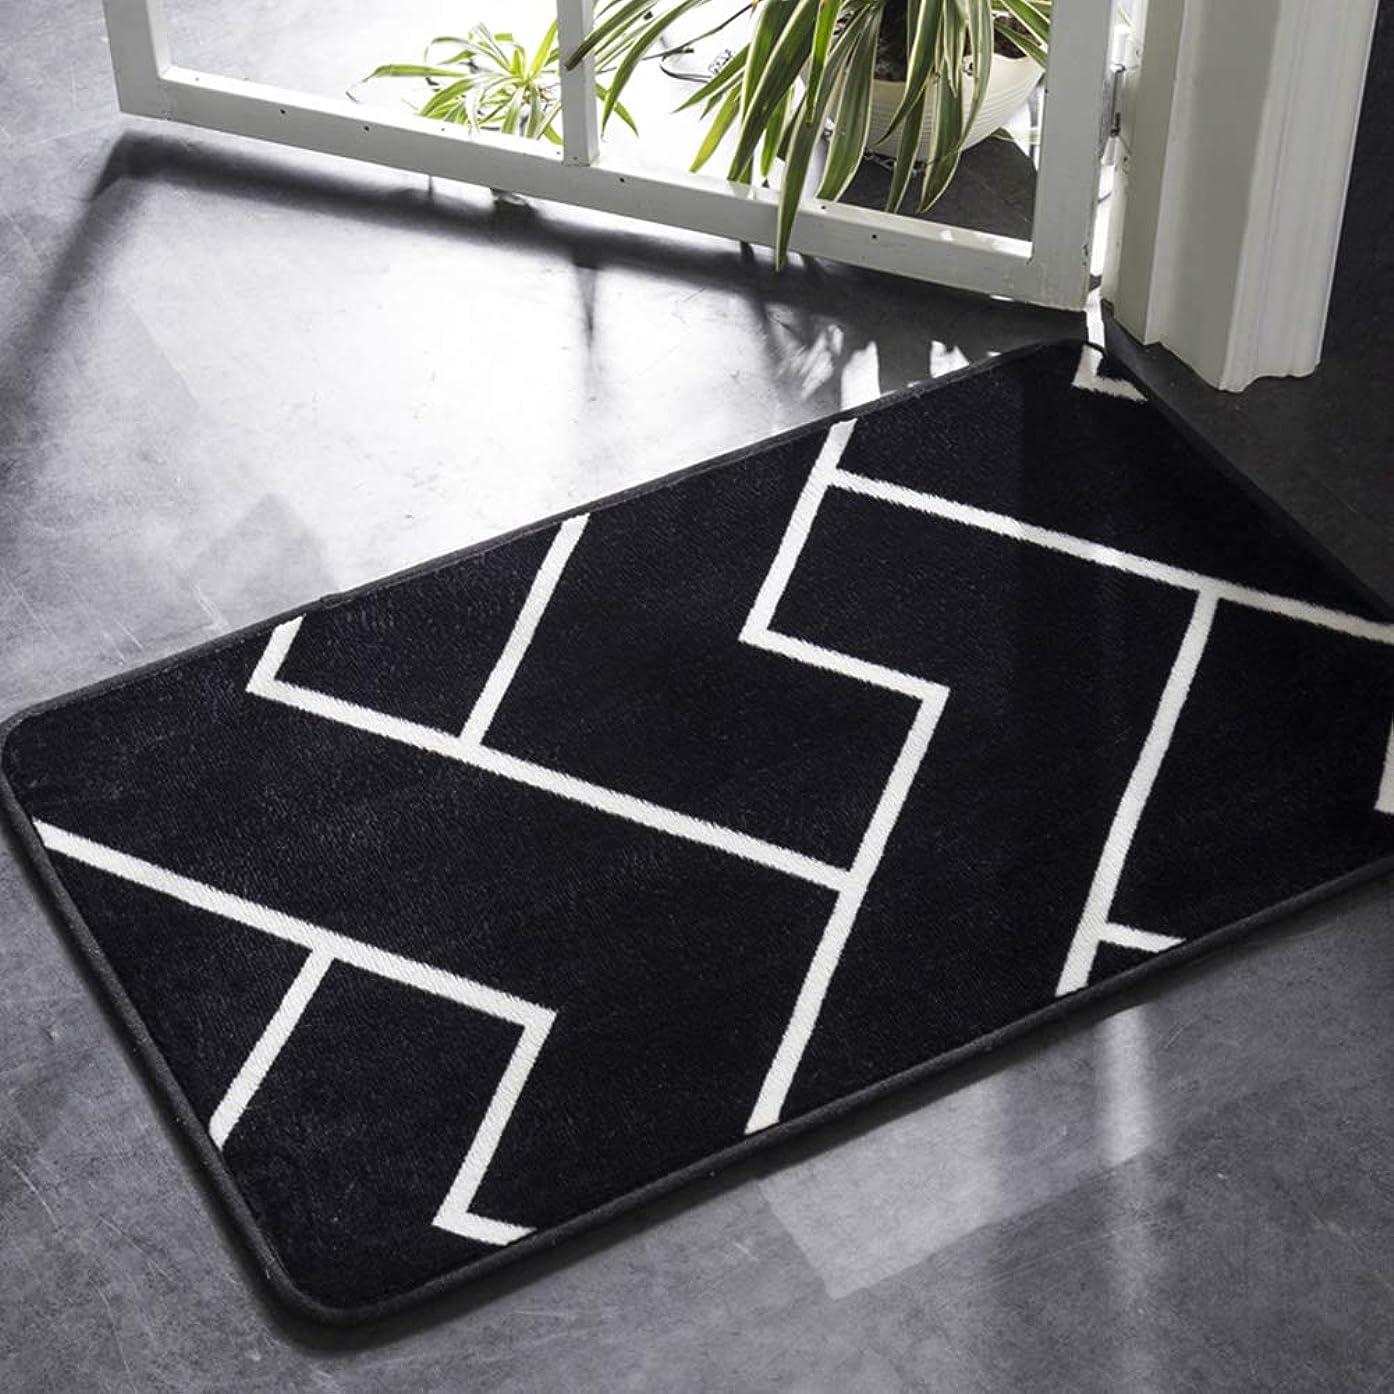 糸予定破壊的なACHICOO カーペットマット 茶テーブル ドア ベッドサイド 簡単 黒い白い色 幾何学模様 柔らかい 滑り止め 黒と白のストリップ 40×60cm